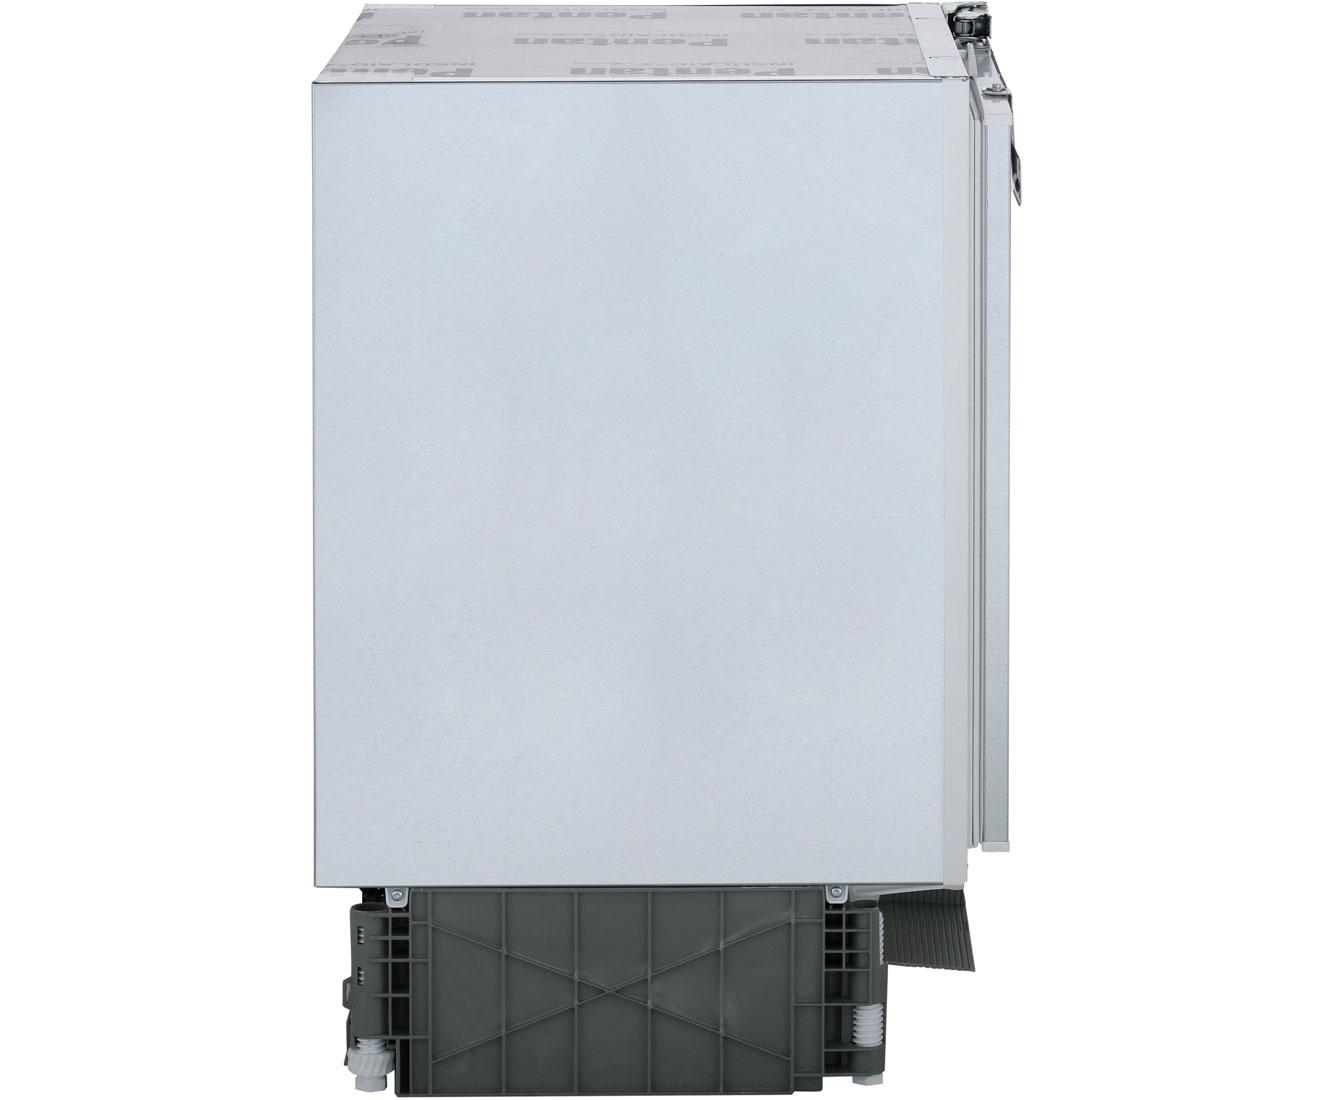 Siemens Family Line Kühlschrank : Siemens ku la unterbau kühlschrank mit gefrierfach er